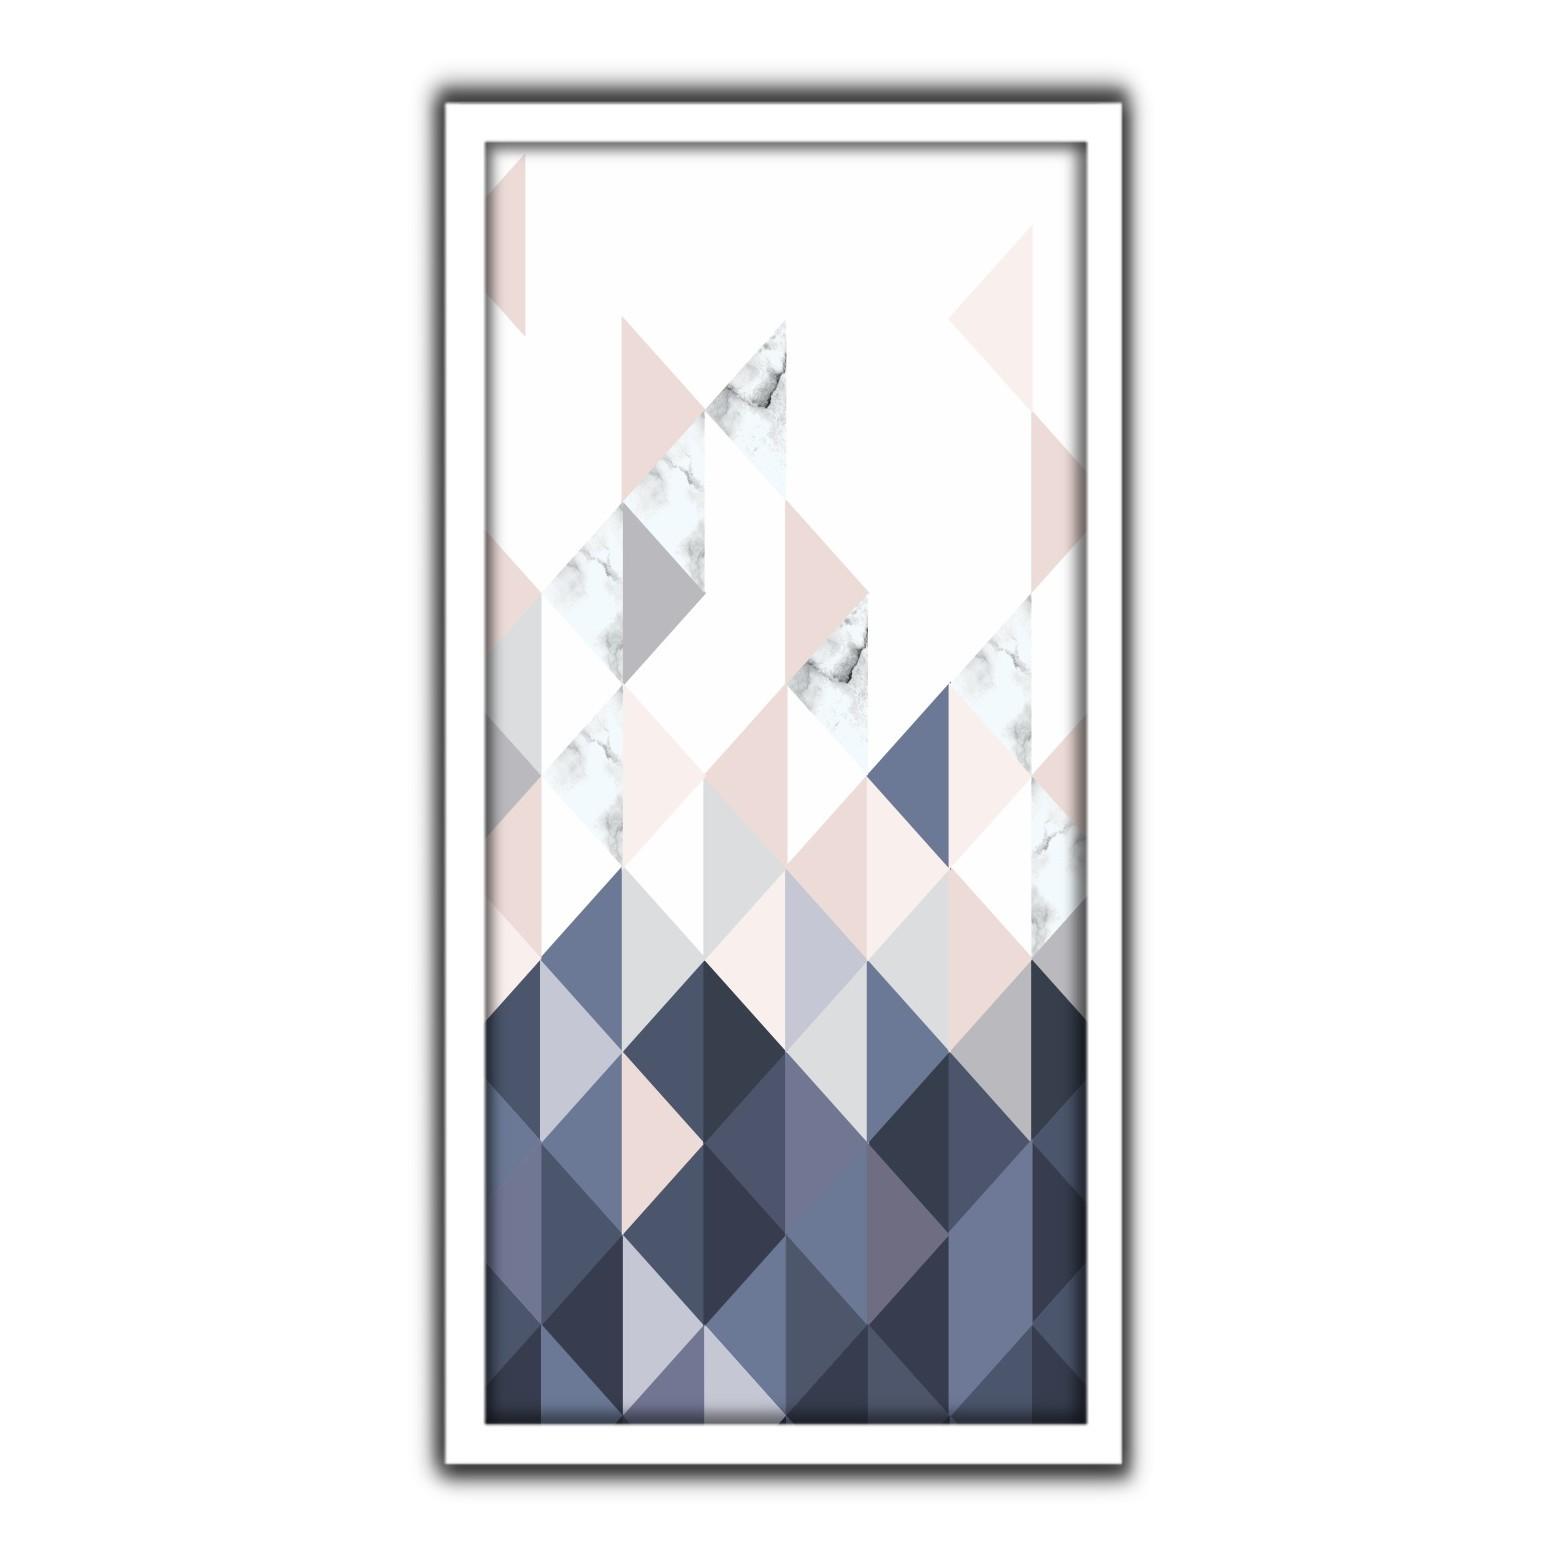 Quadro Decorativo 33x70cm Geometrico 90417 - Art Frame